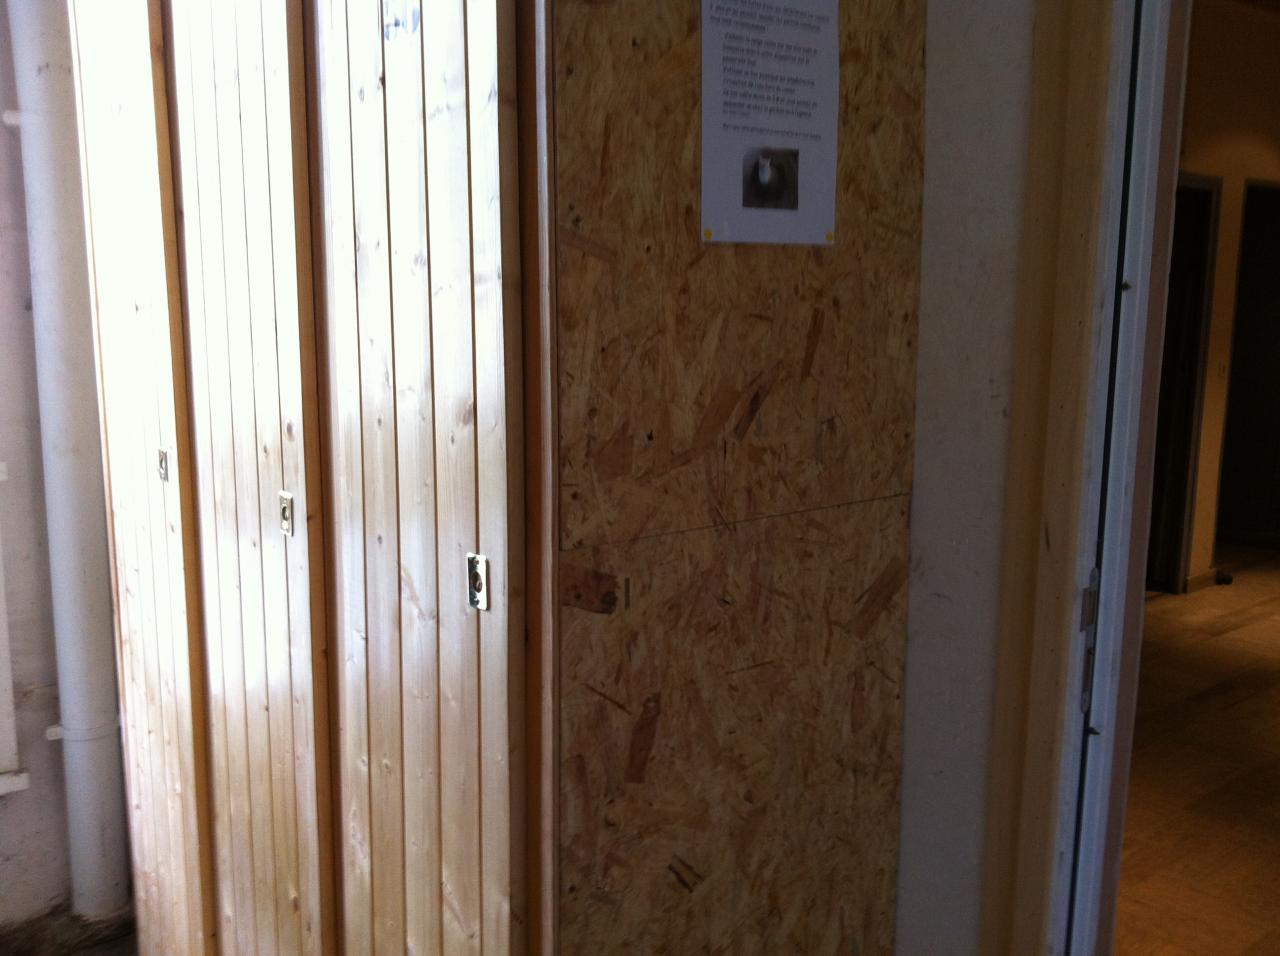 les 3 casiers bois recasés dans local 1